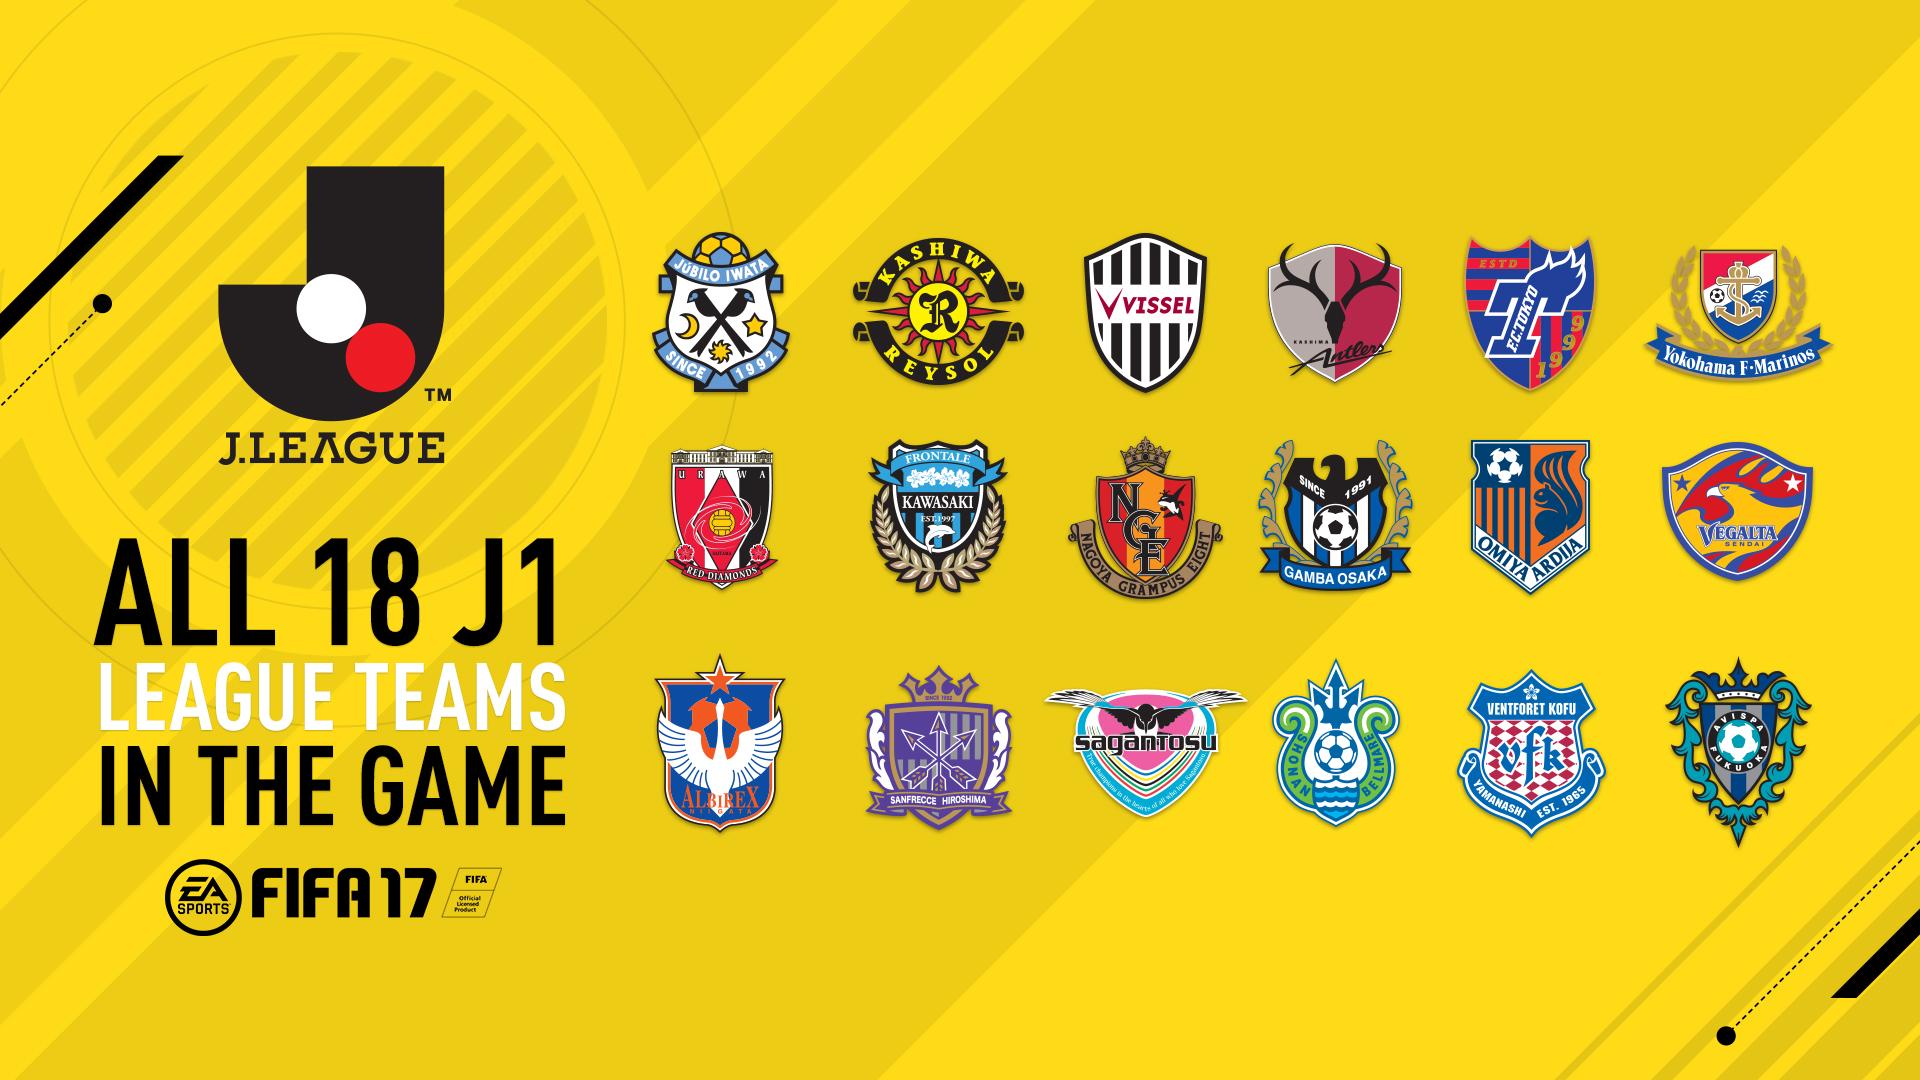 La J League será elegible en el FIFA 17